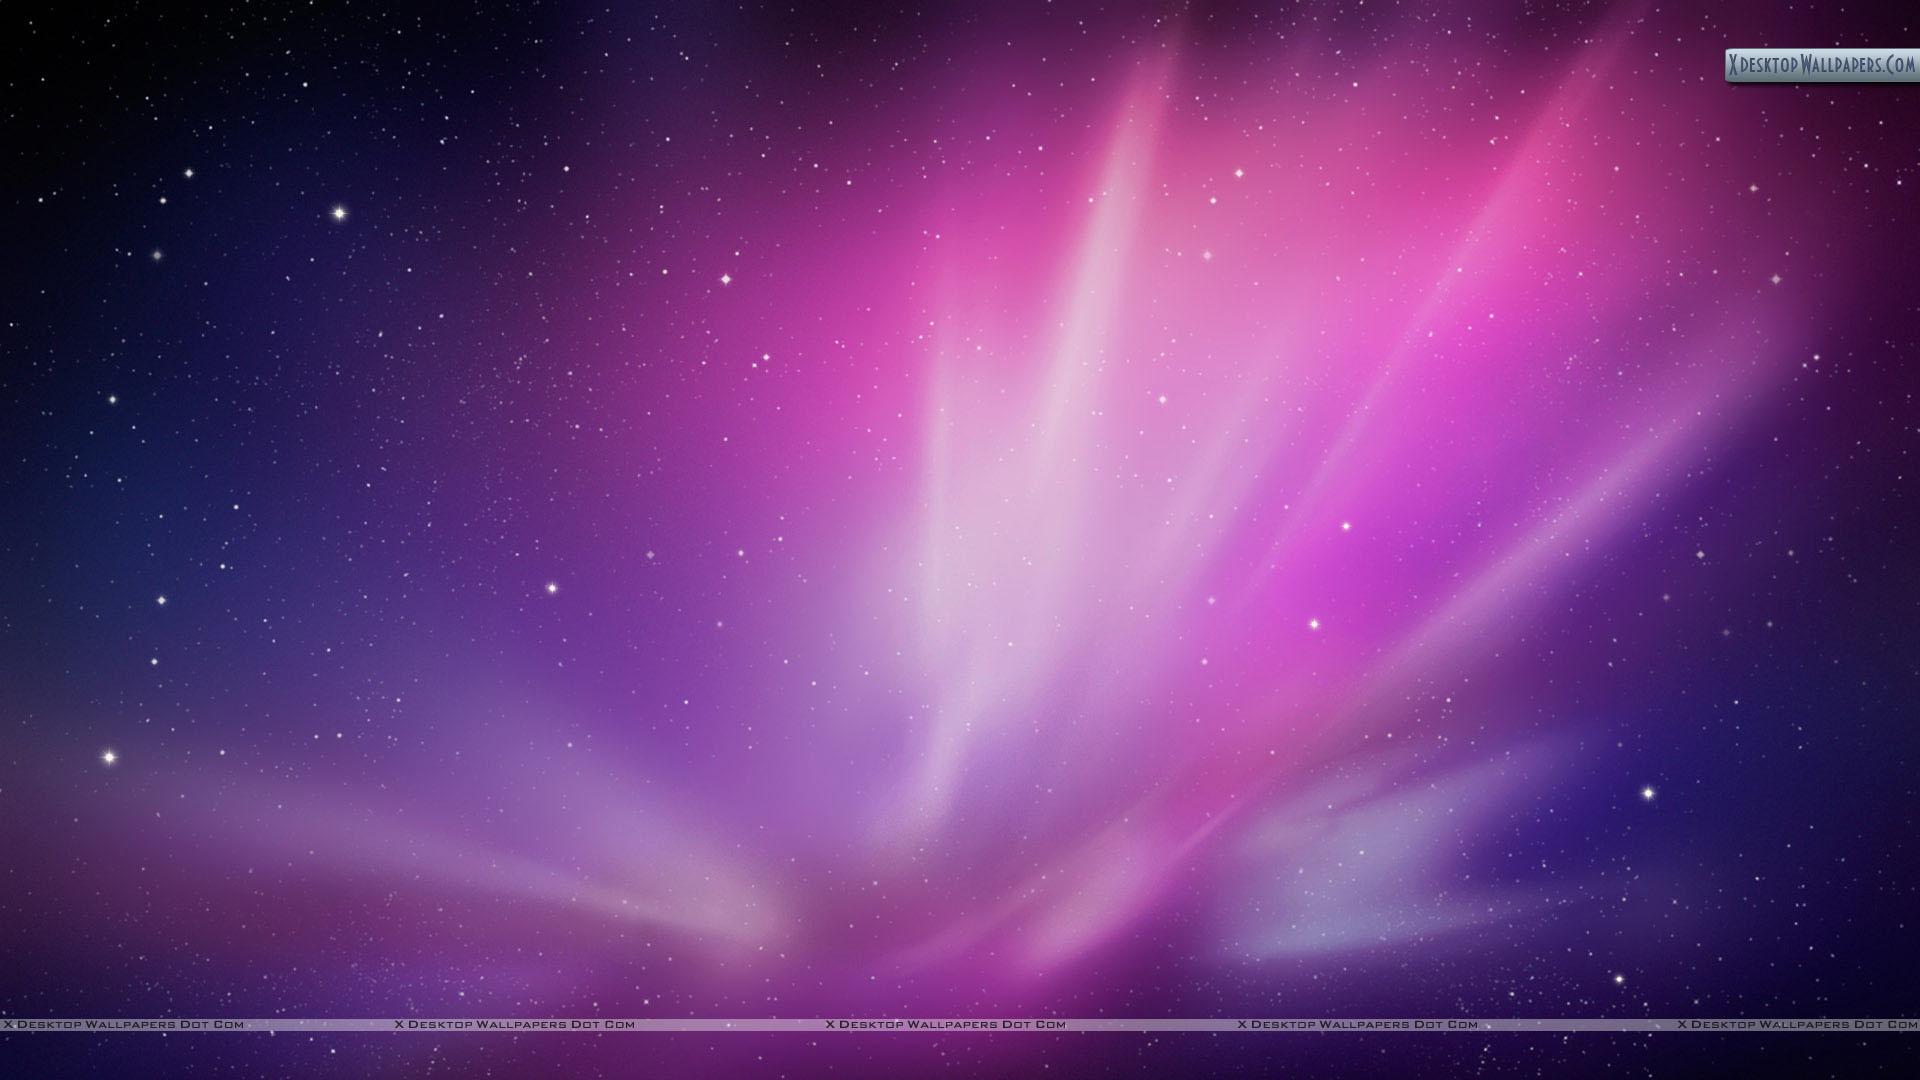 MacBook Galaxy Wallpaper - WallpaperSafari